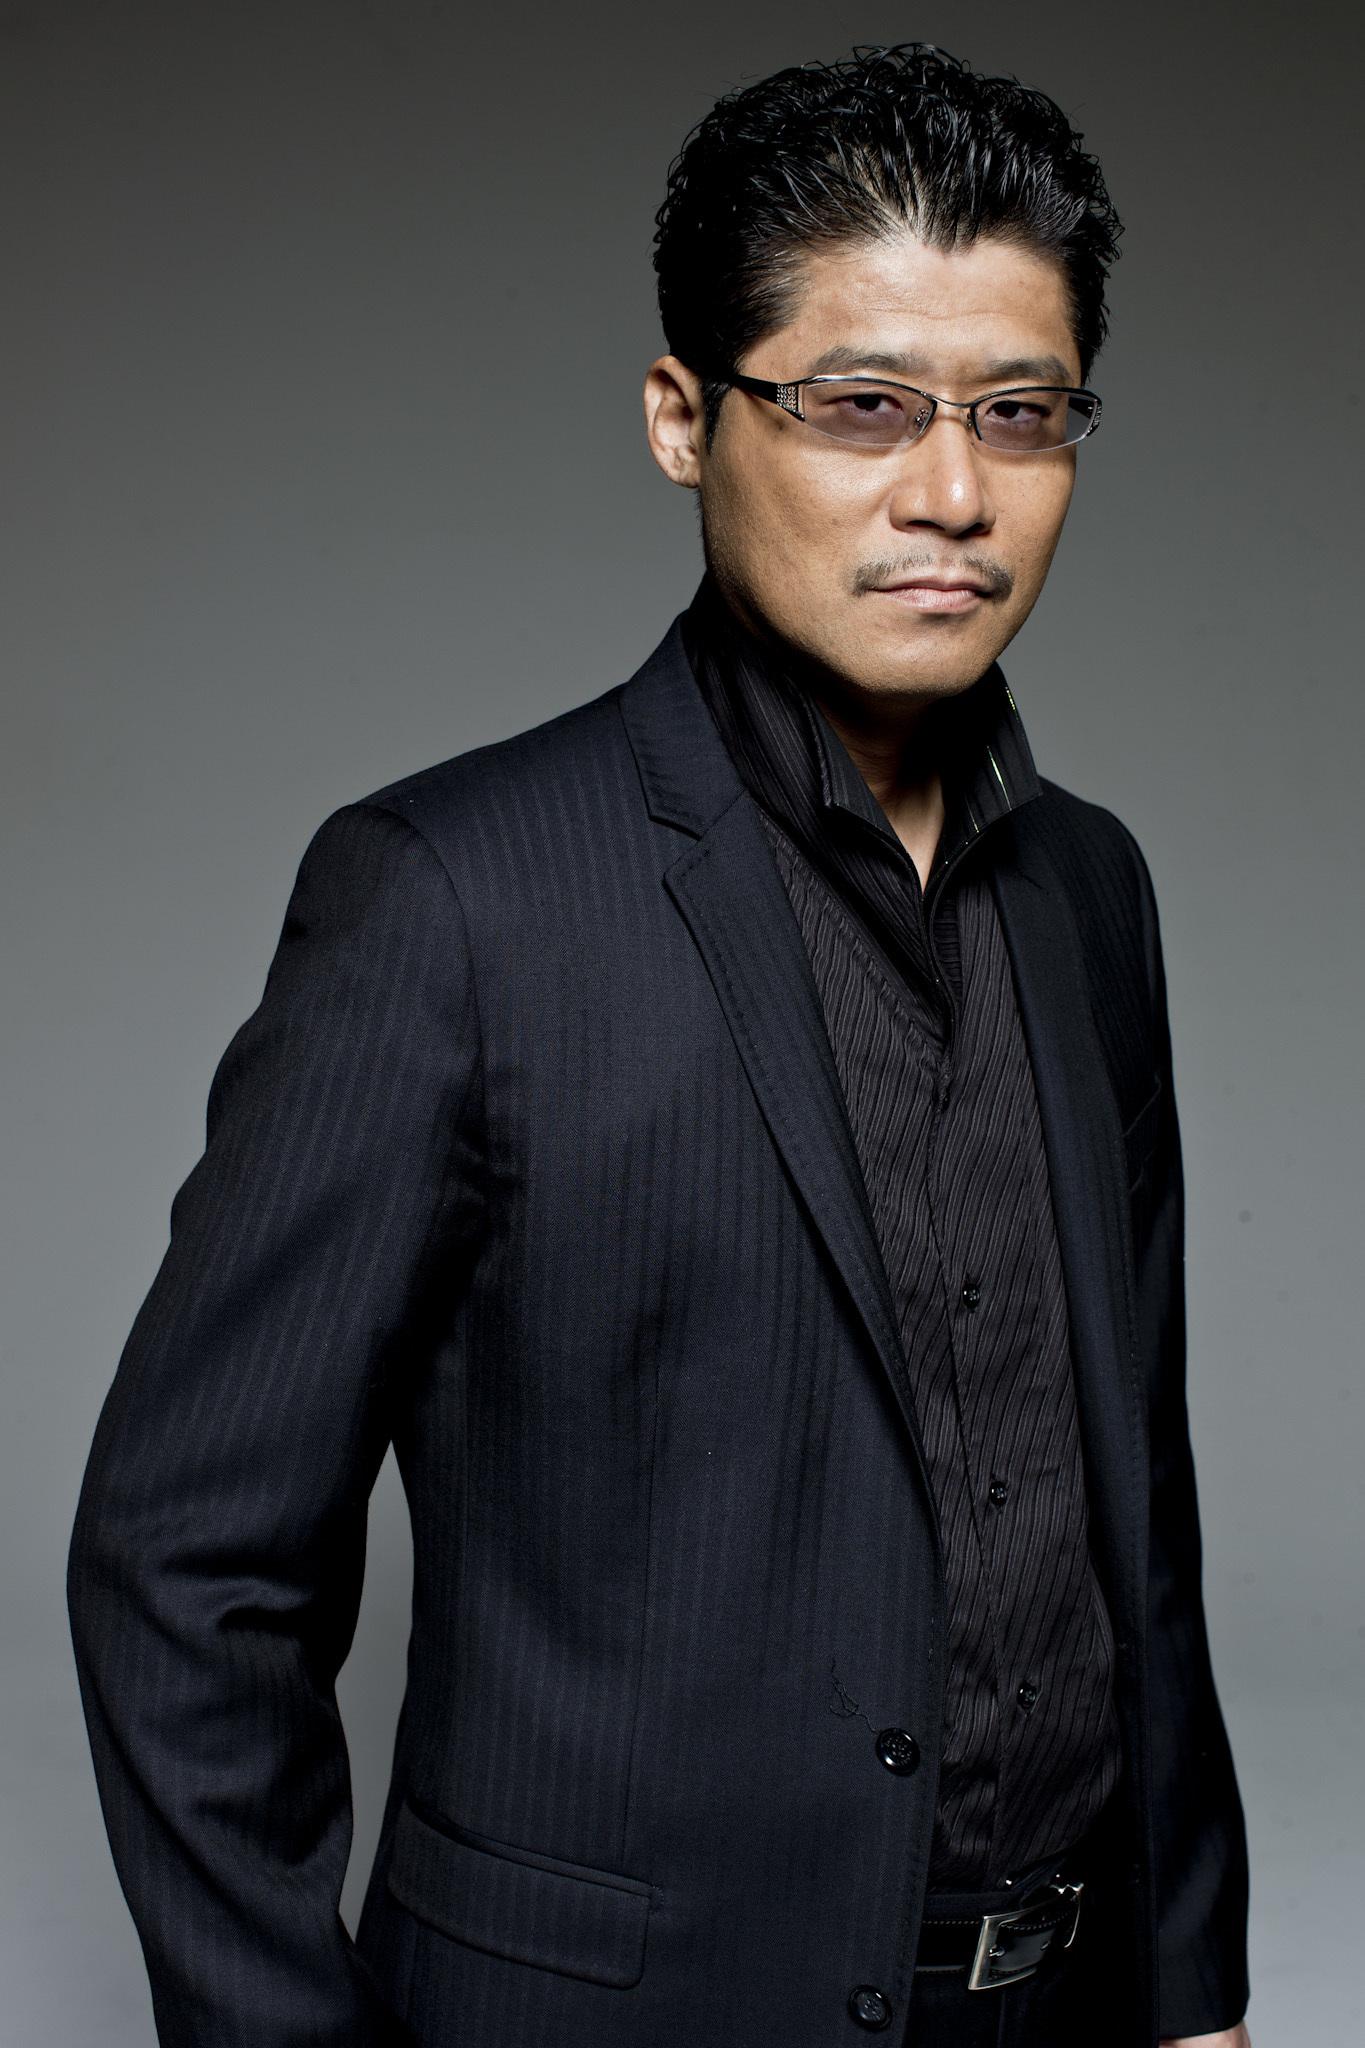 プロデューサー兼出演者の小山剛志